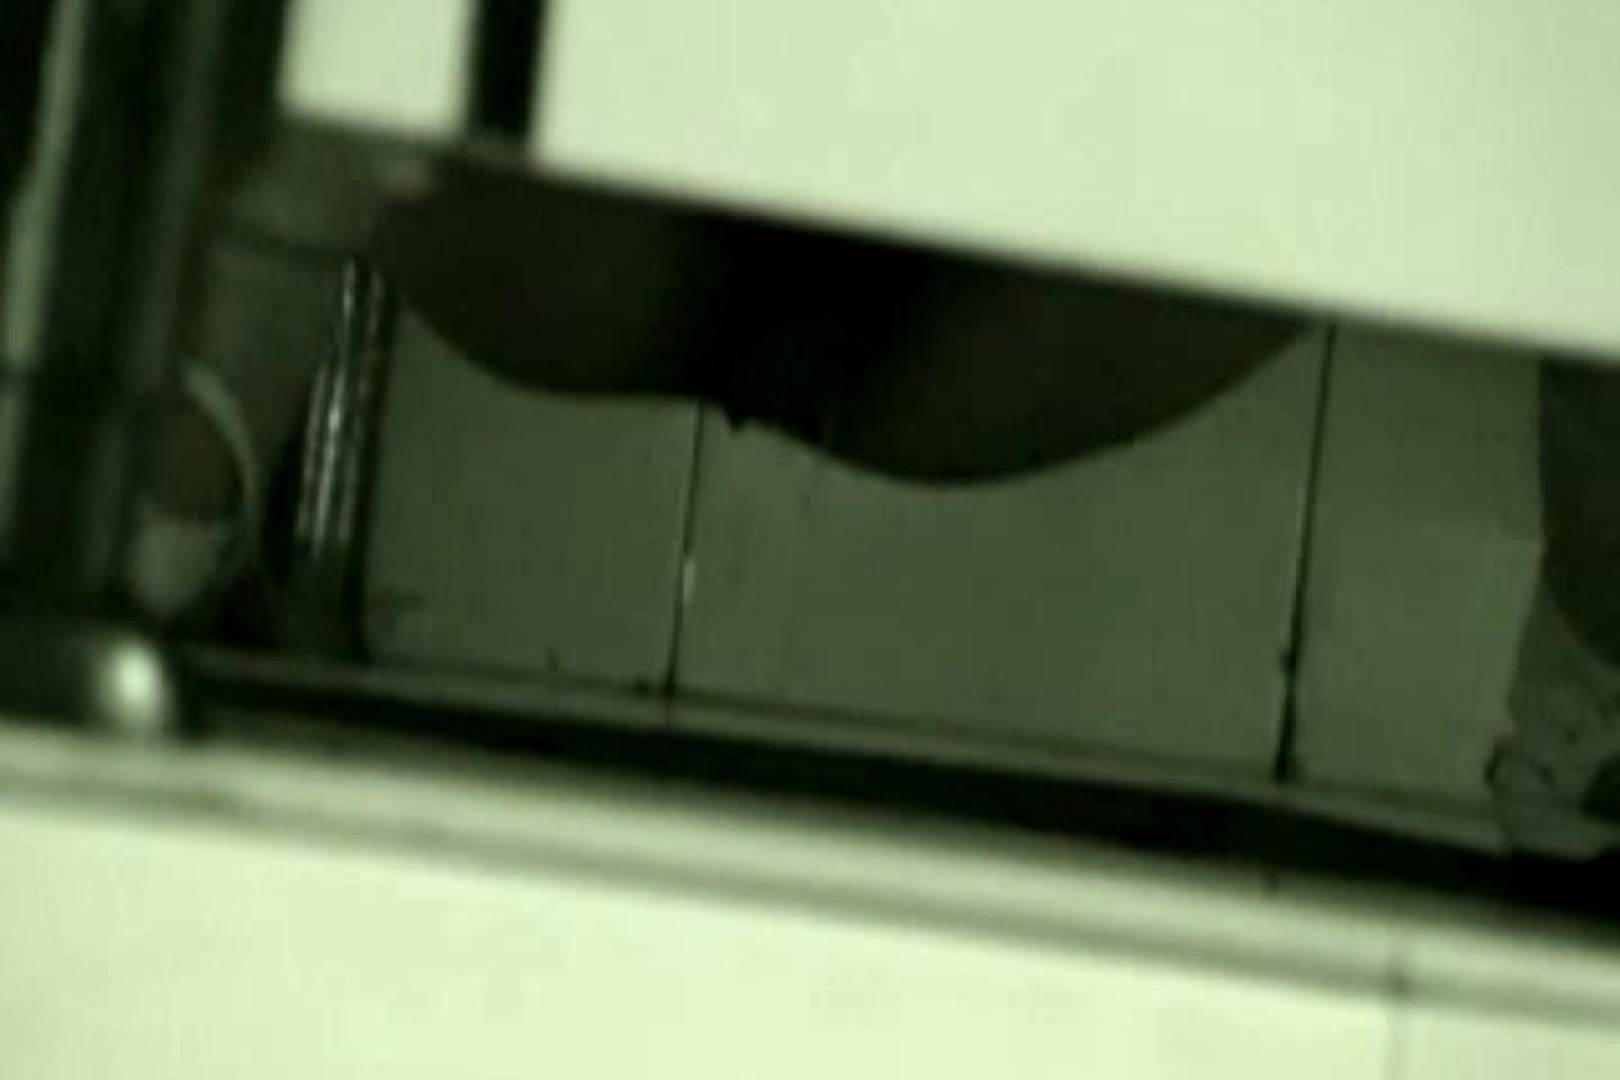 ぼっとん洗面所スペシャルVol.5 OLエロ画像 | 生おまんこ  88PICs 61